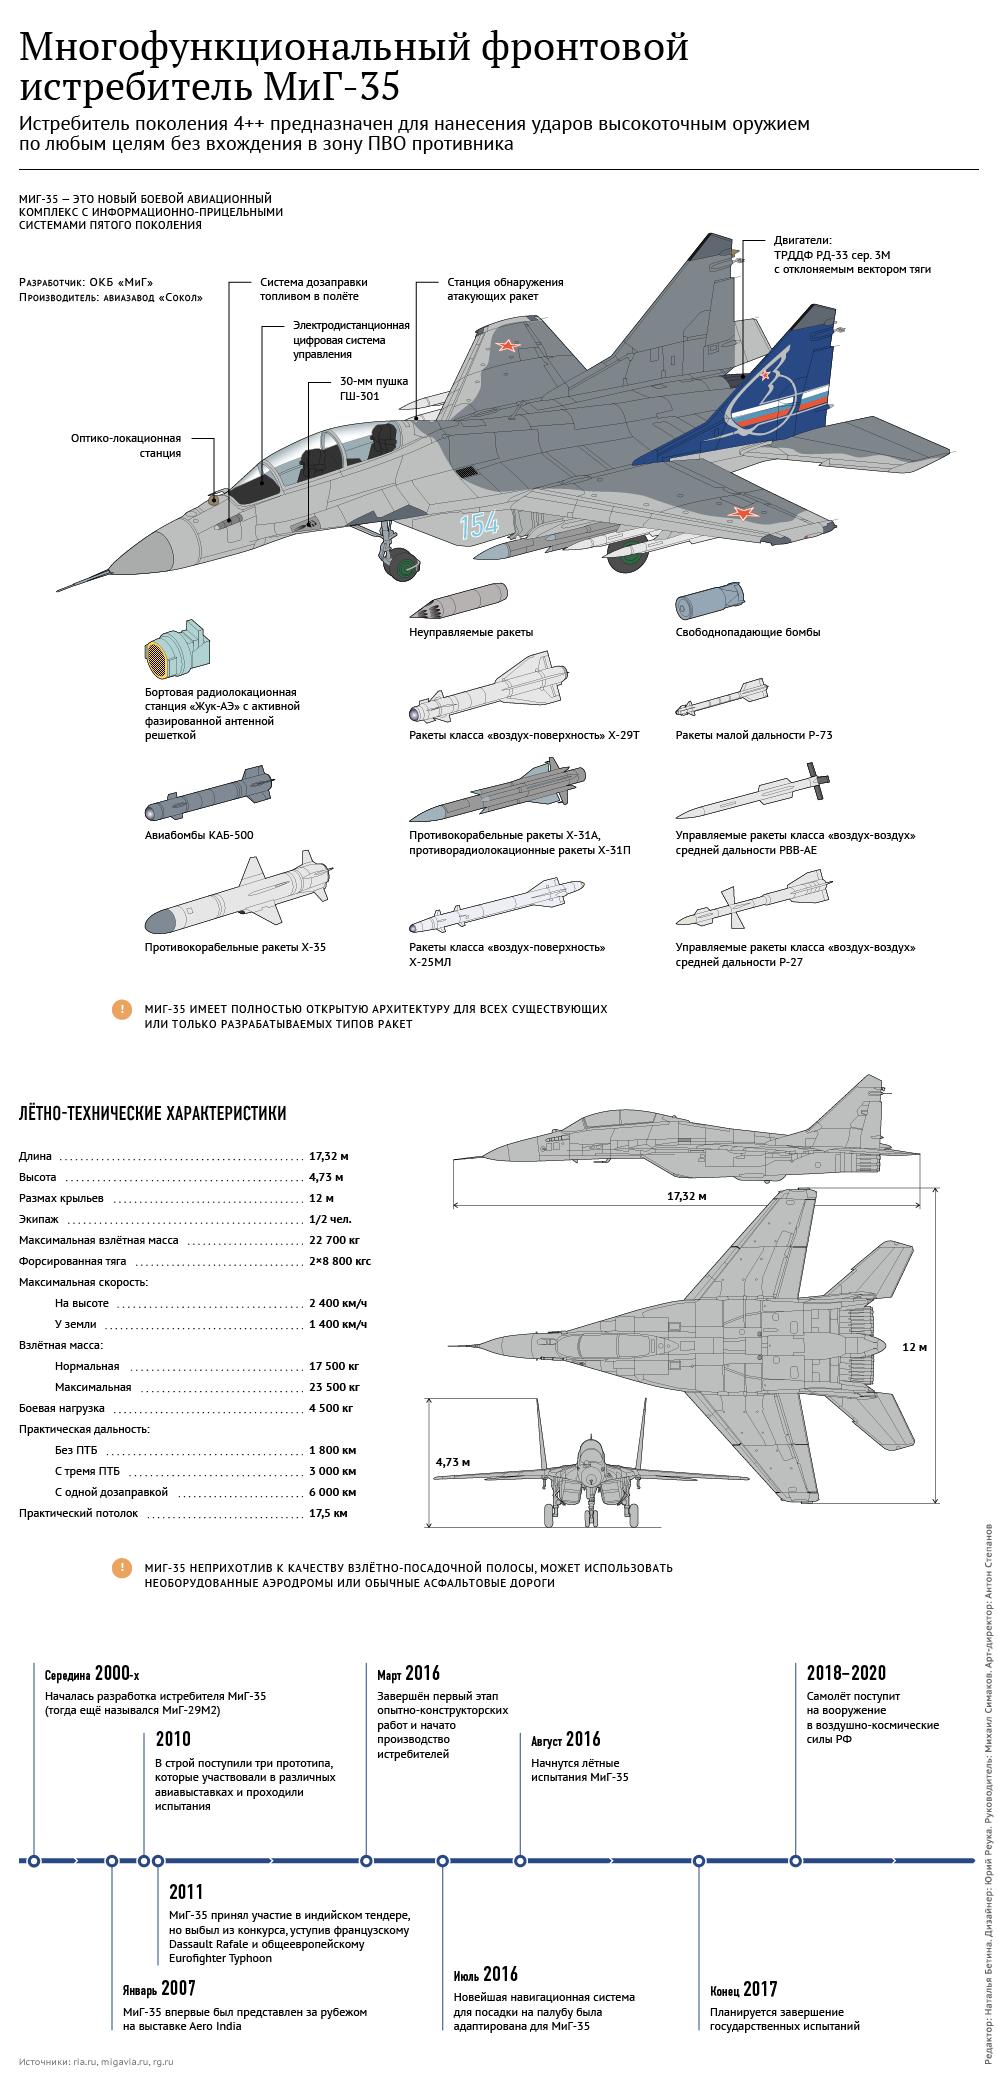 Инфографика МиГ-35, характеристики, вооружение